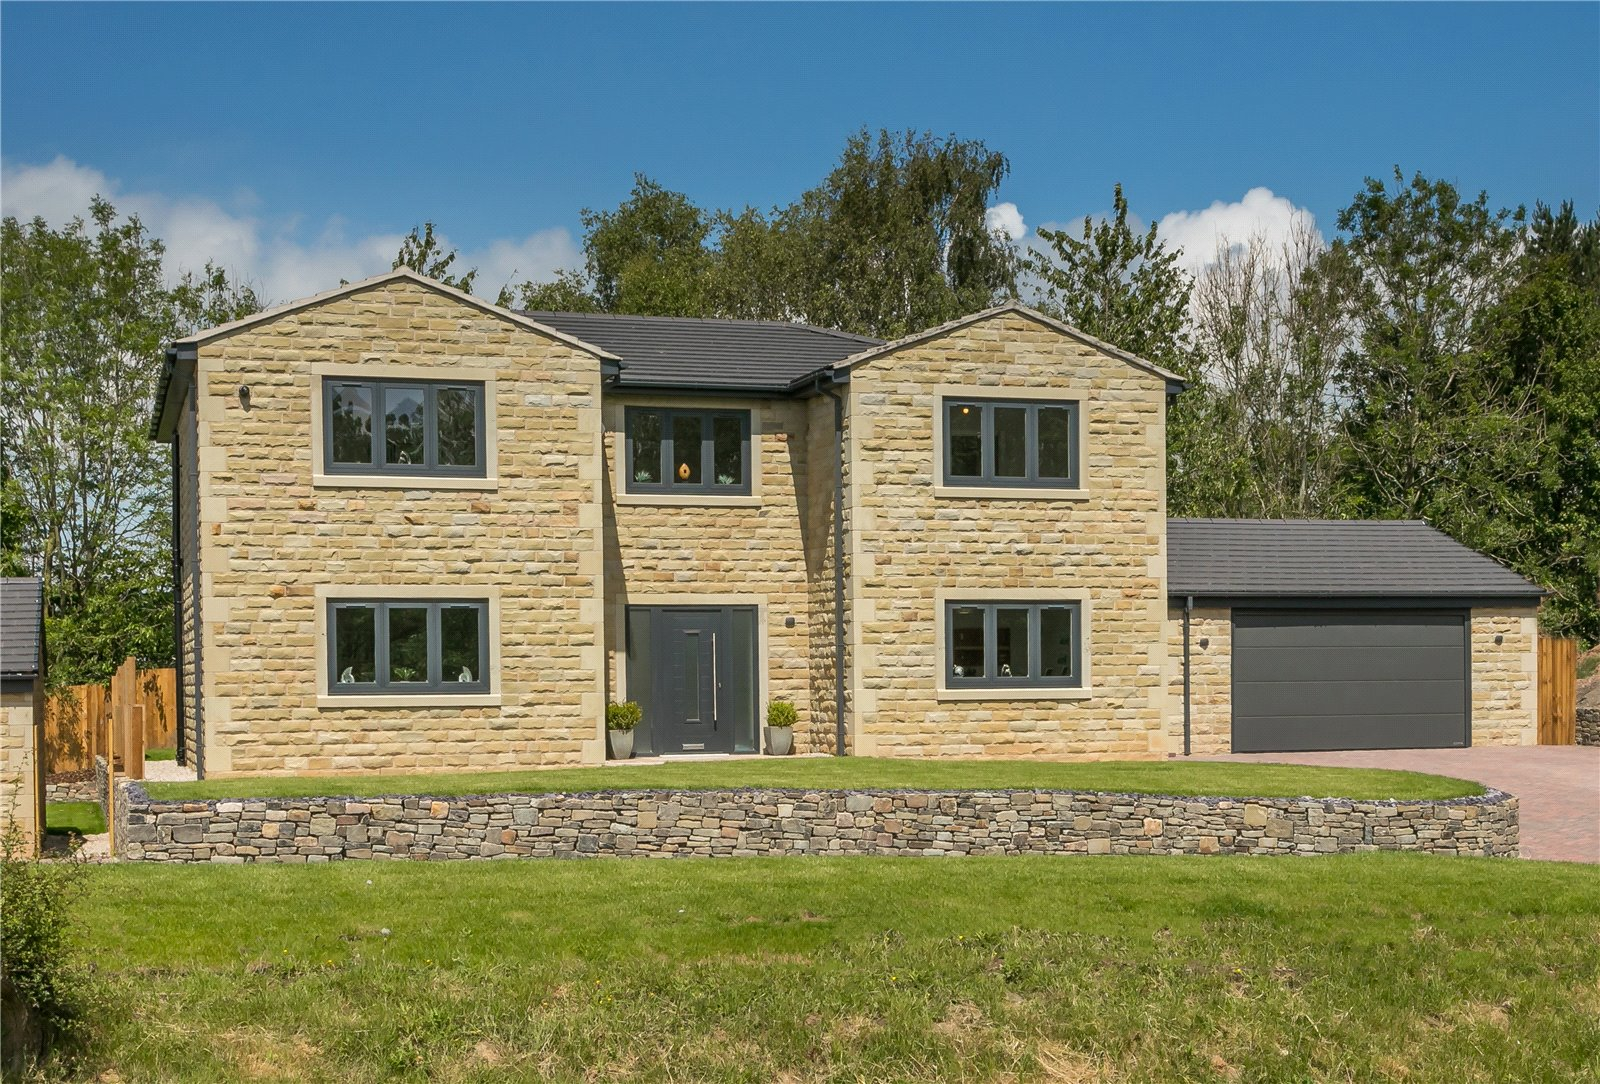 stylish new build stone family house